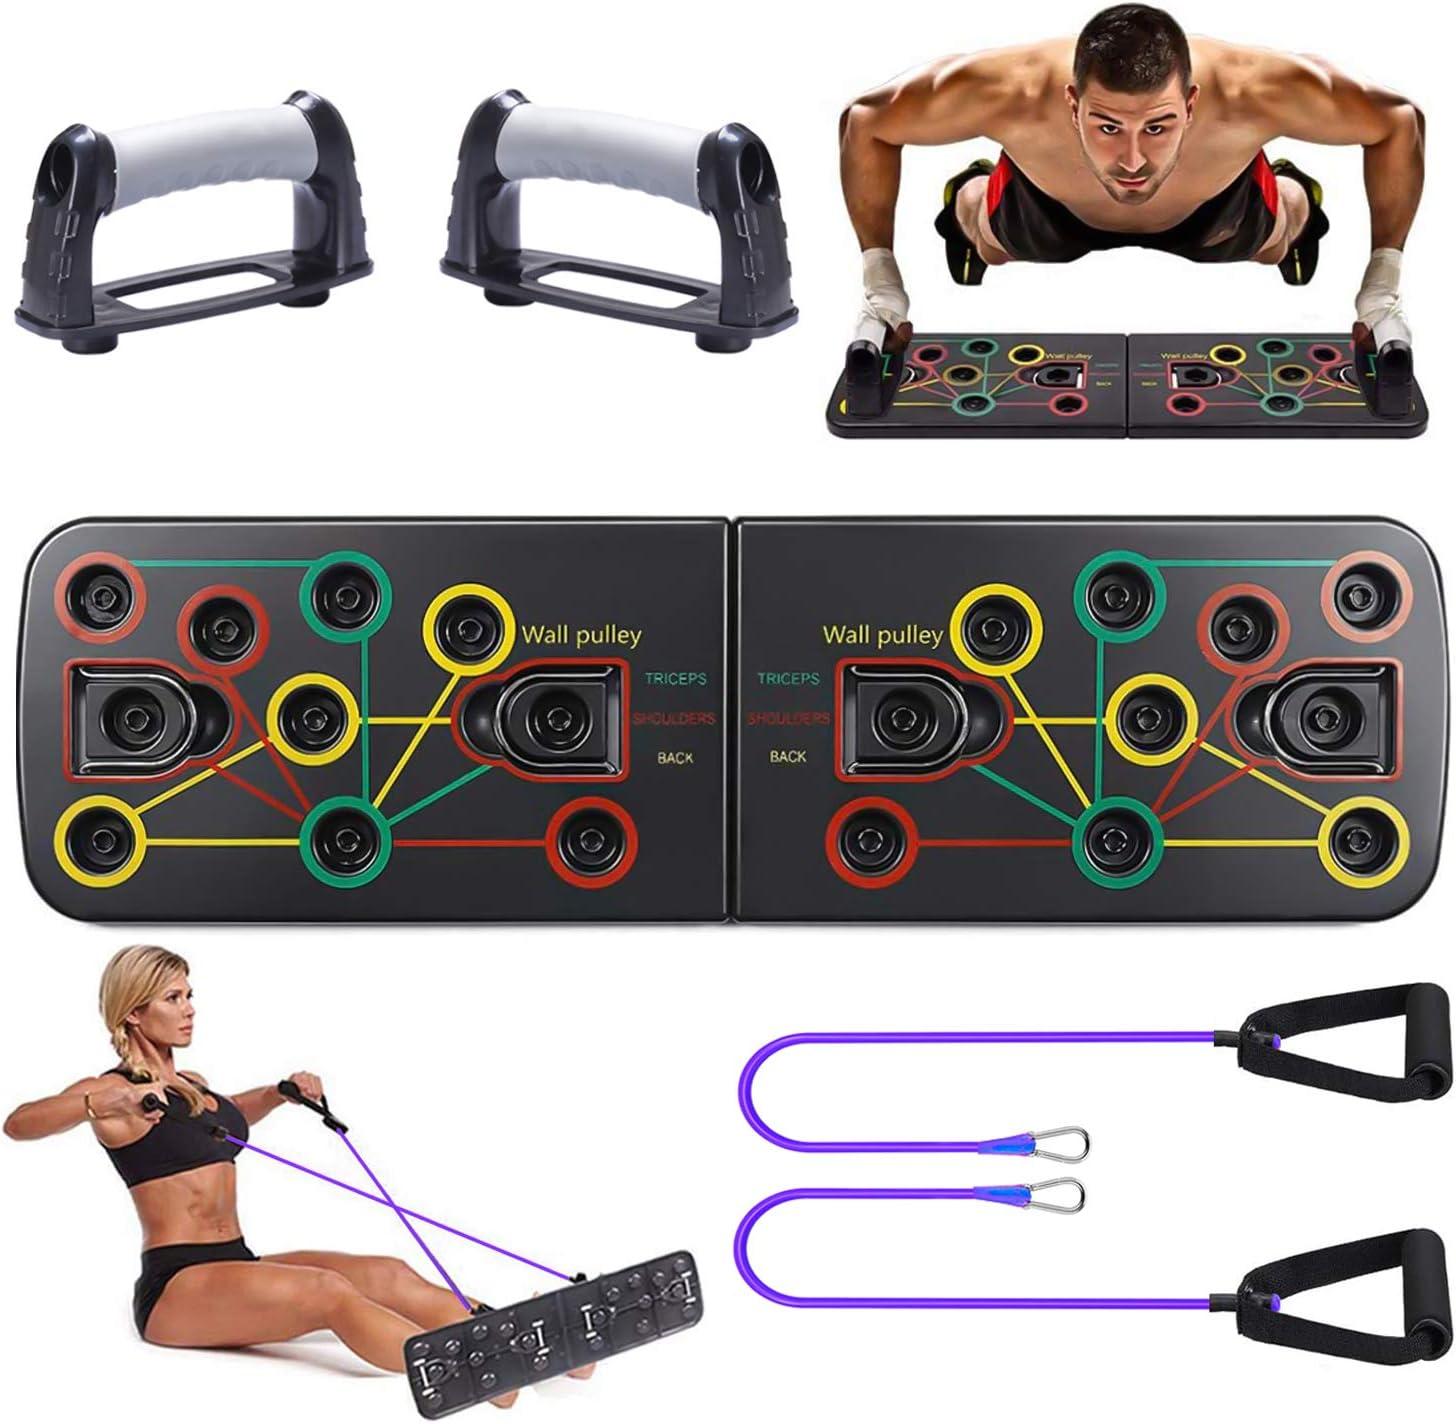 Tendak Tabla de Flexiones 9 en 1 Gym Fitness System para Entrenamiento Corporal Push-up Board para Entrenamientos Multifunción, Push Up Tabla Board para Hombres, Mujeres, Entrenamiento en el hogar